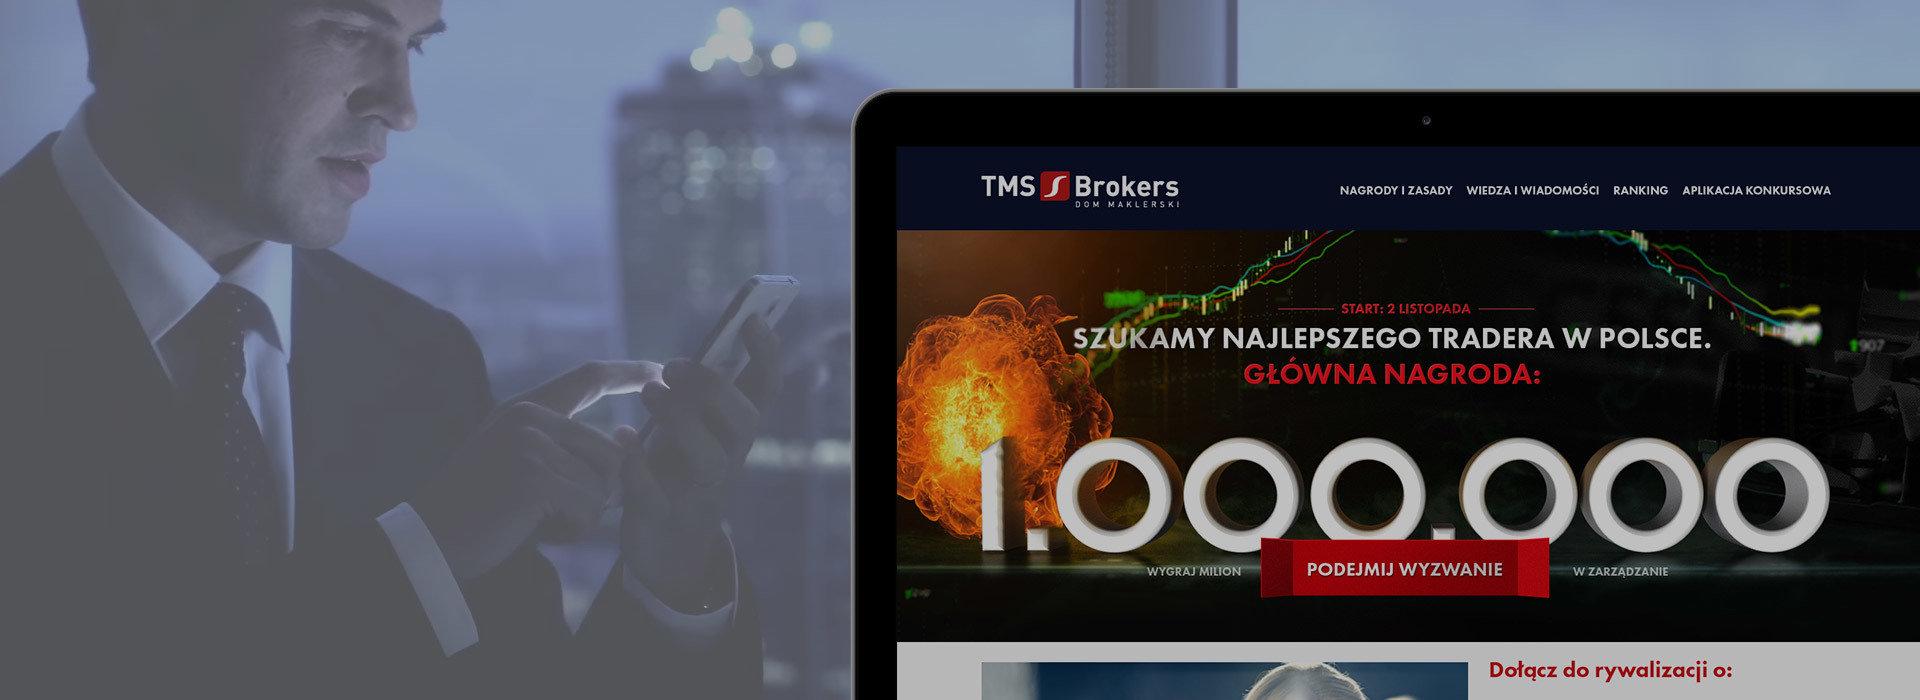 Kampania telewizyjna i serwis konkursowy dla TMS Brokers